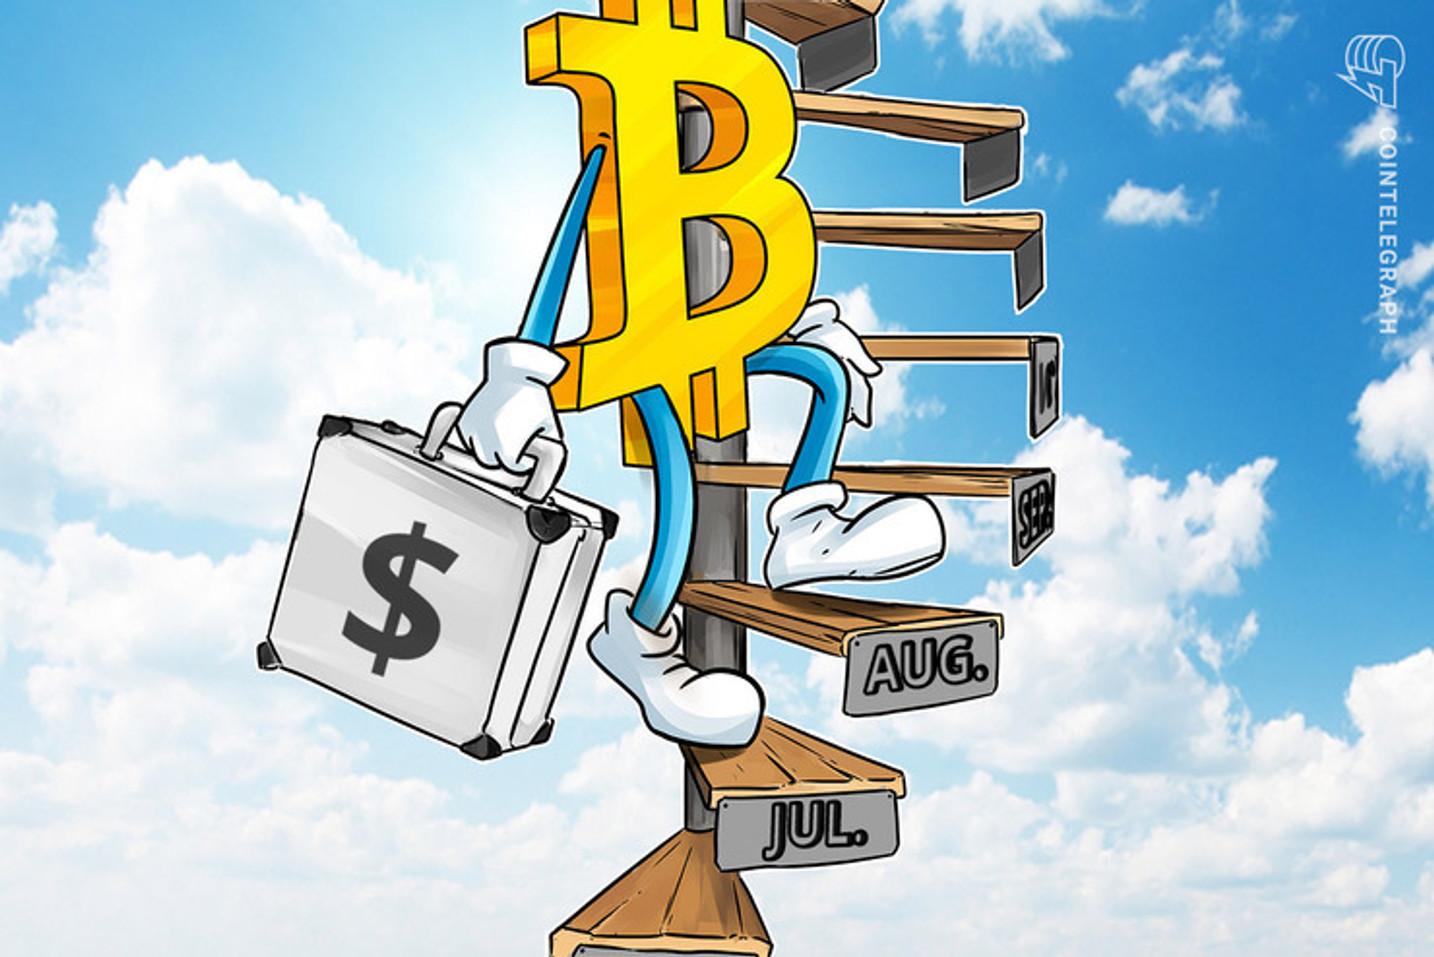 Bitcoin rumbo a probar la resistencia por encima de los USD 7,500